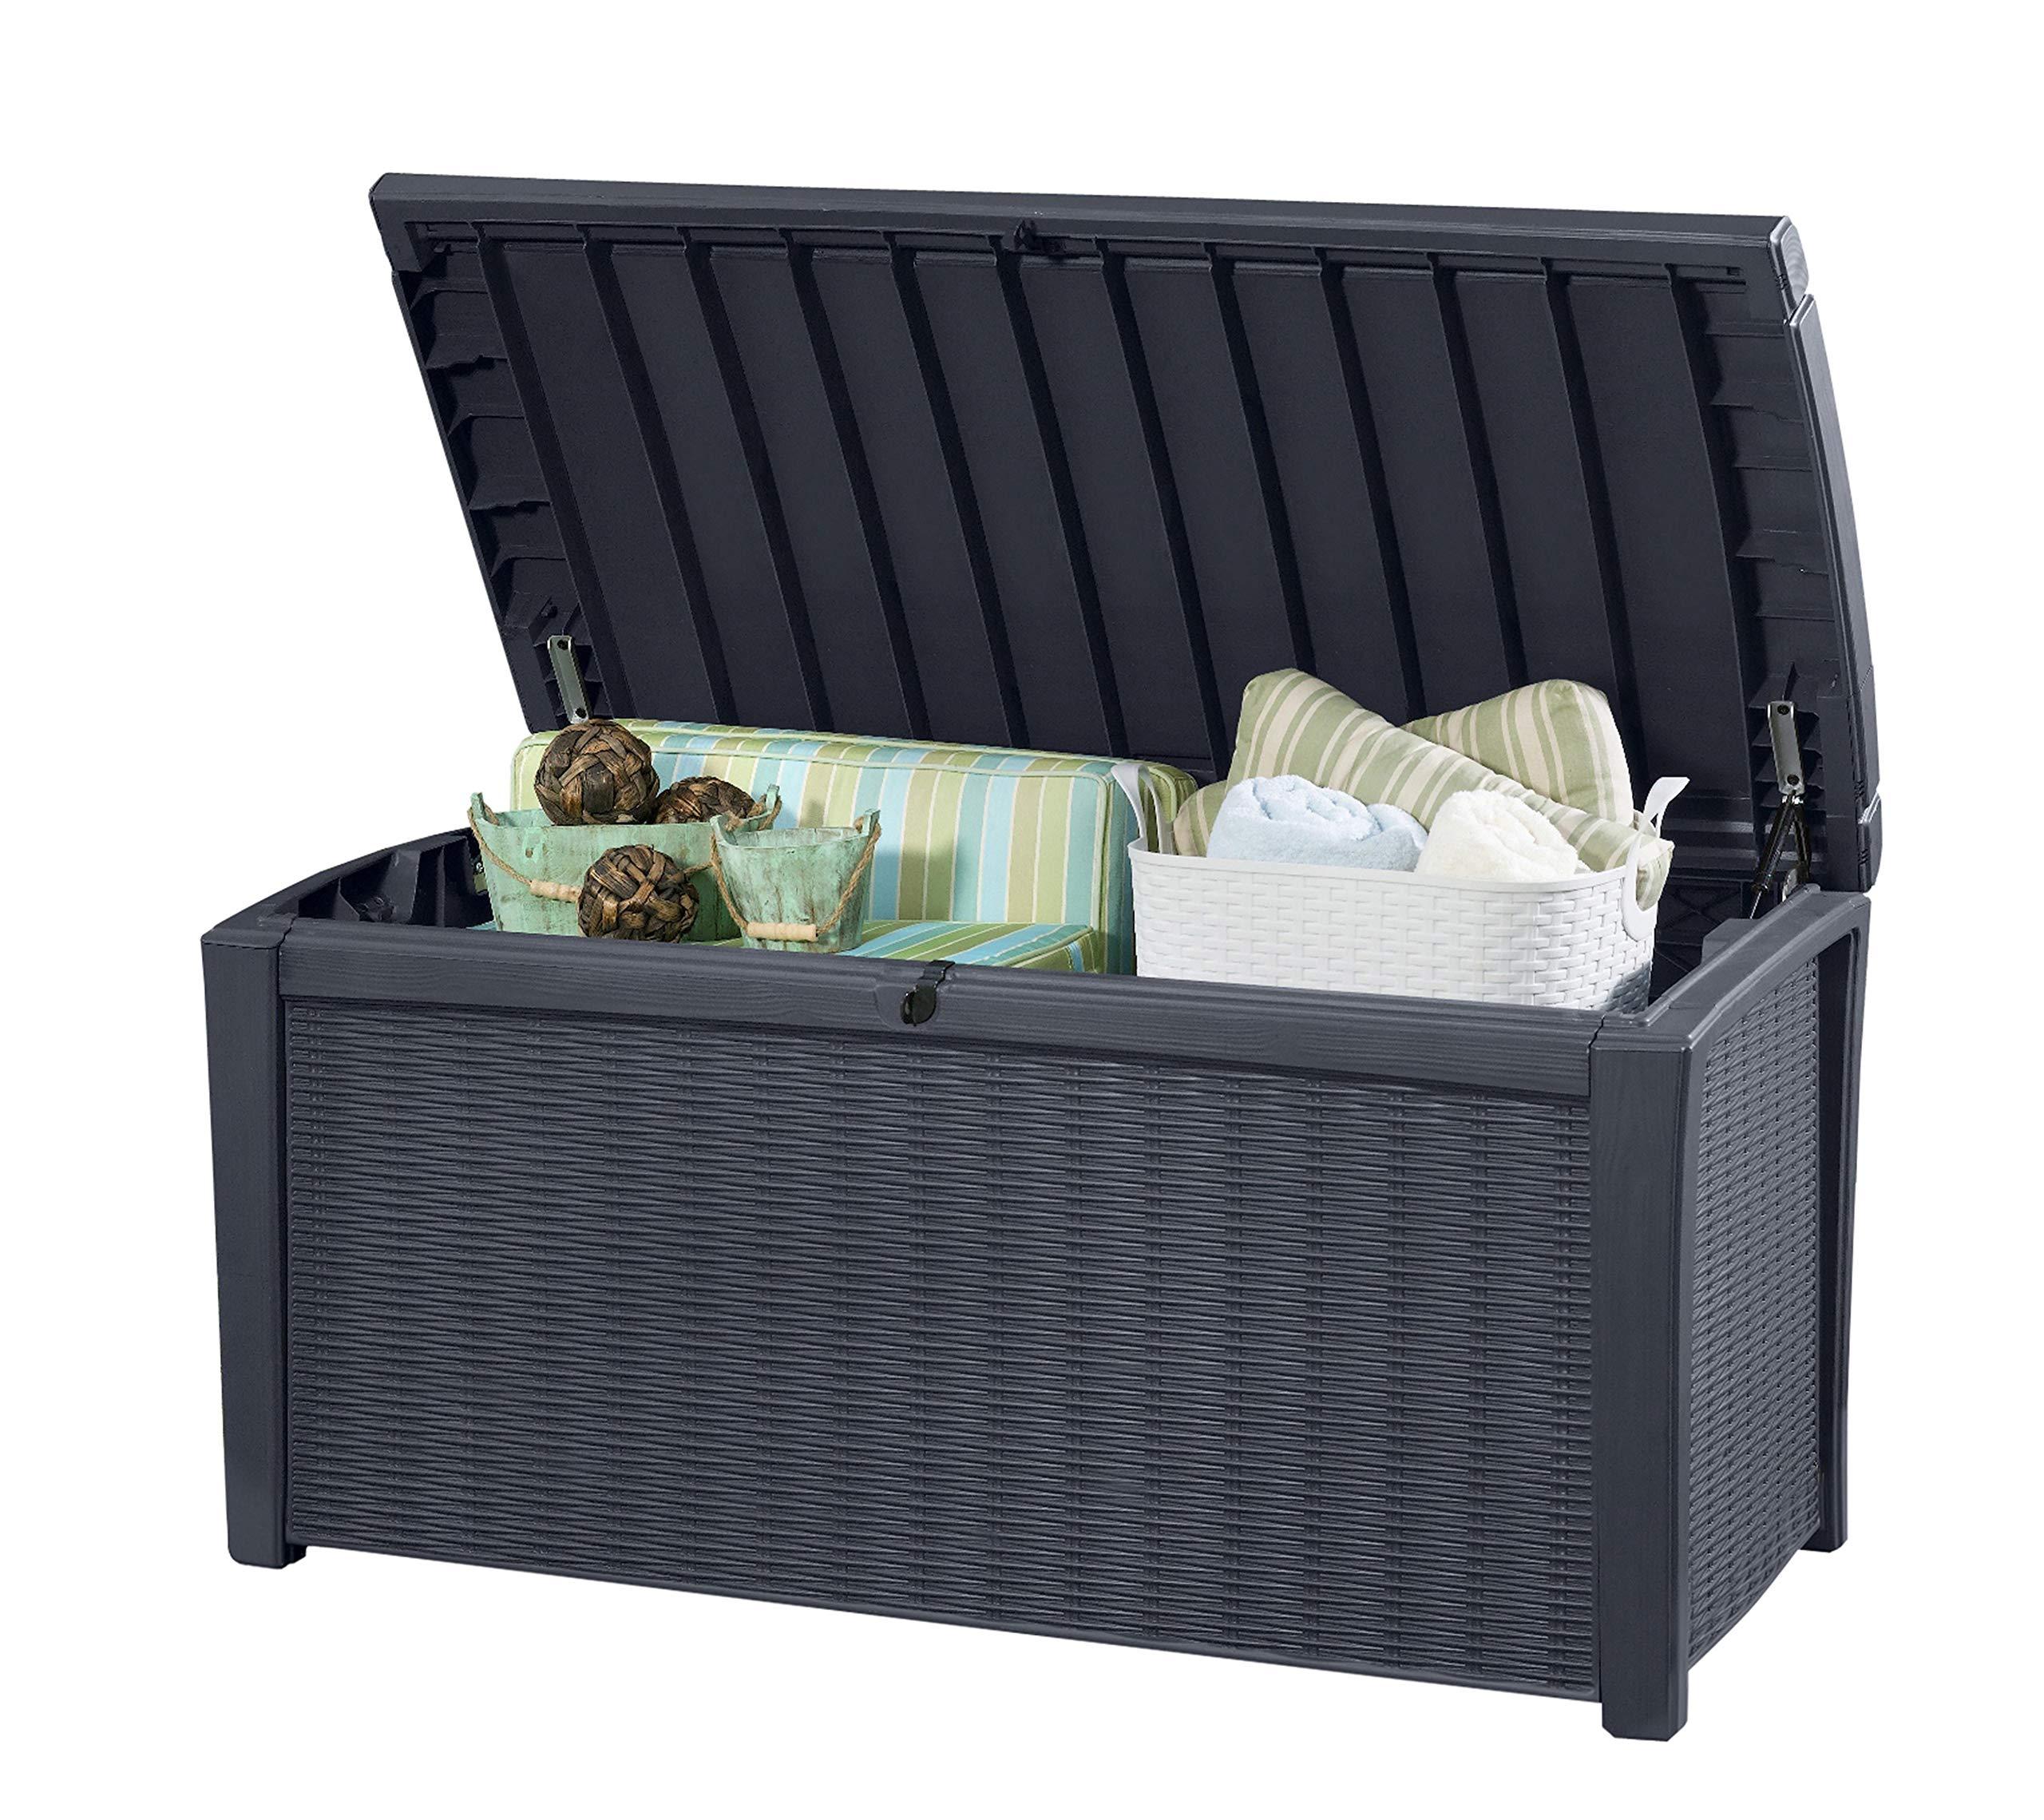 Keter Kissenbox Borneo, Anthrazit, 400L aus hochwertigem Polypropylen Aufbewahrungsbox & Sitzbank in einem Maße: 129,5 cm x 70 cm x 62,5 cm  (BxTxH)